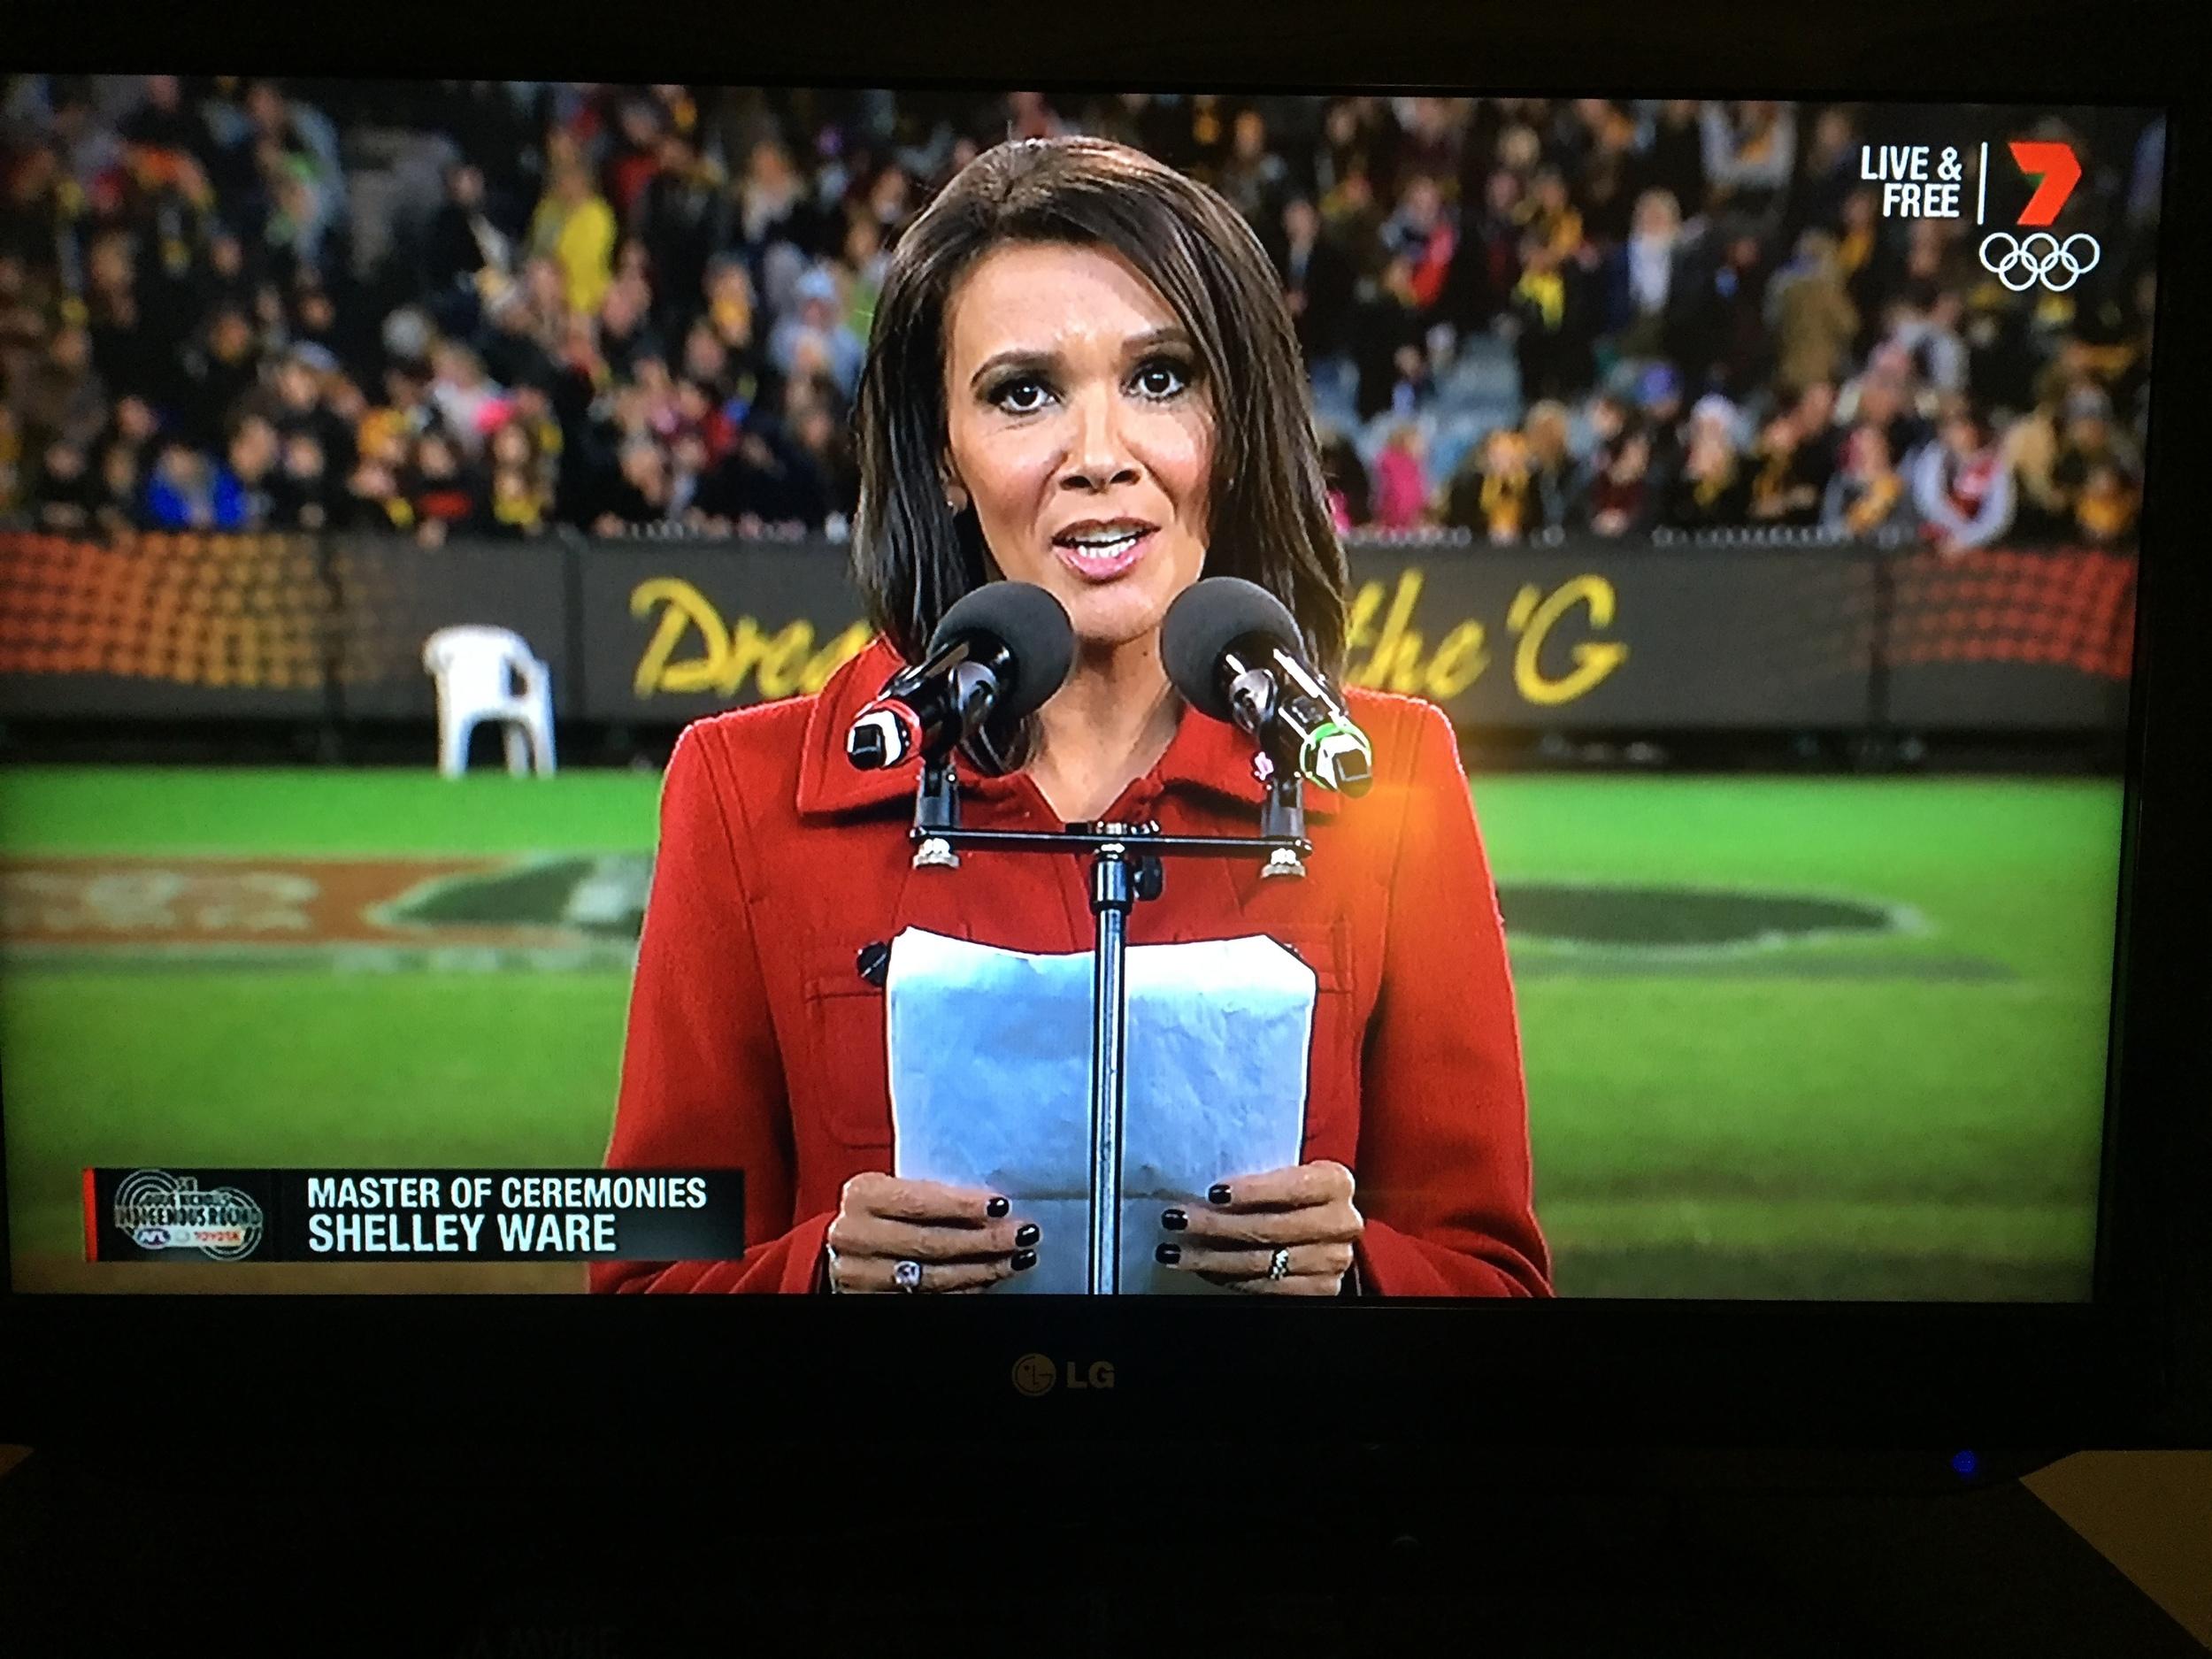 Shelley Ware TV Presenter and MC